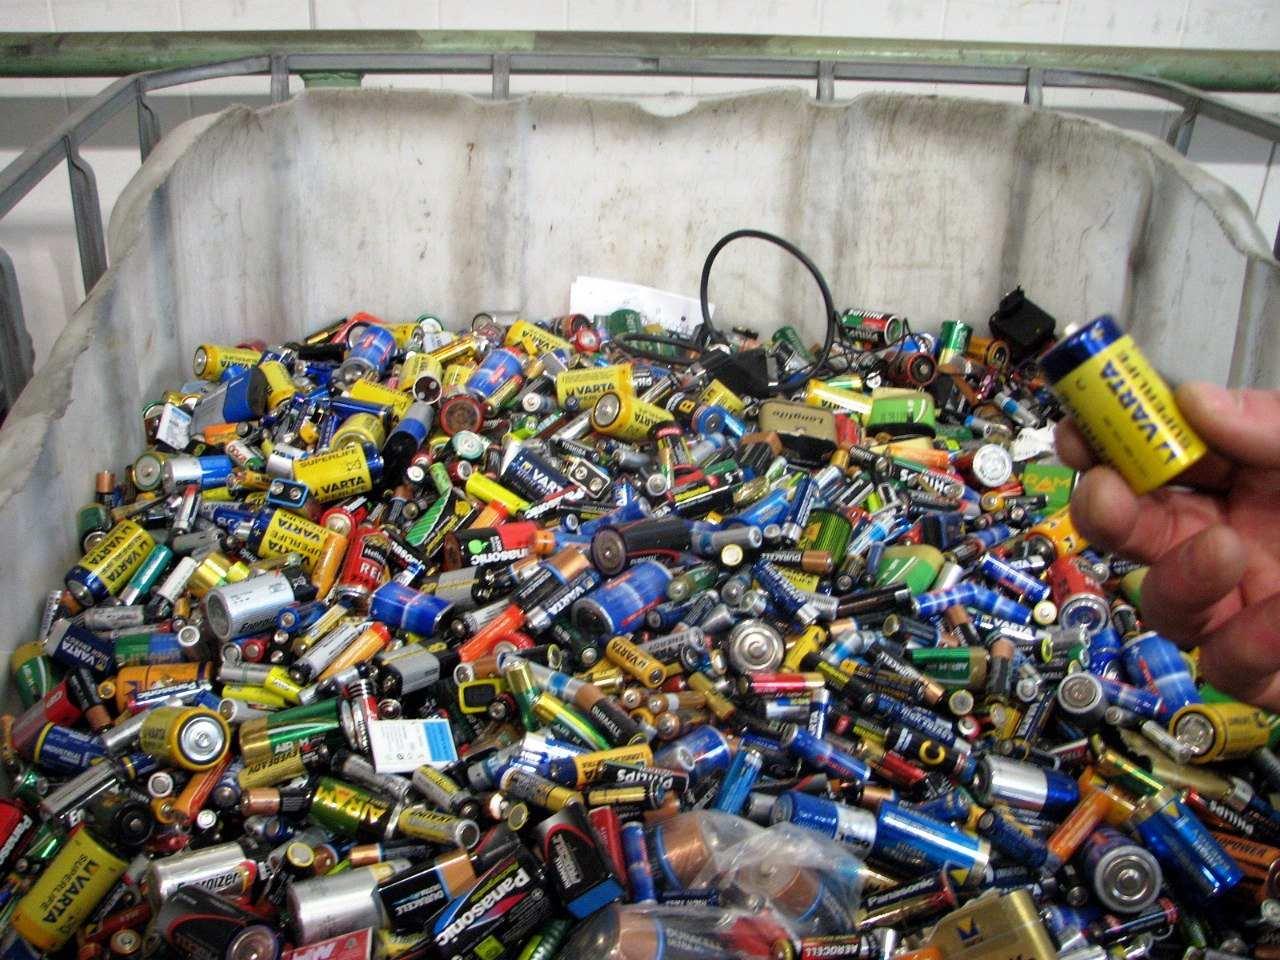 В Новороссийске пройдет сбор опасных отходов